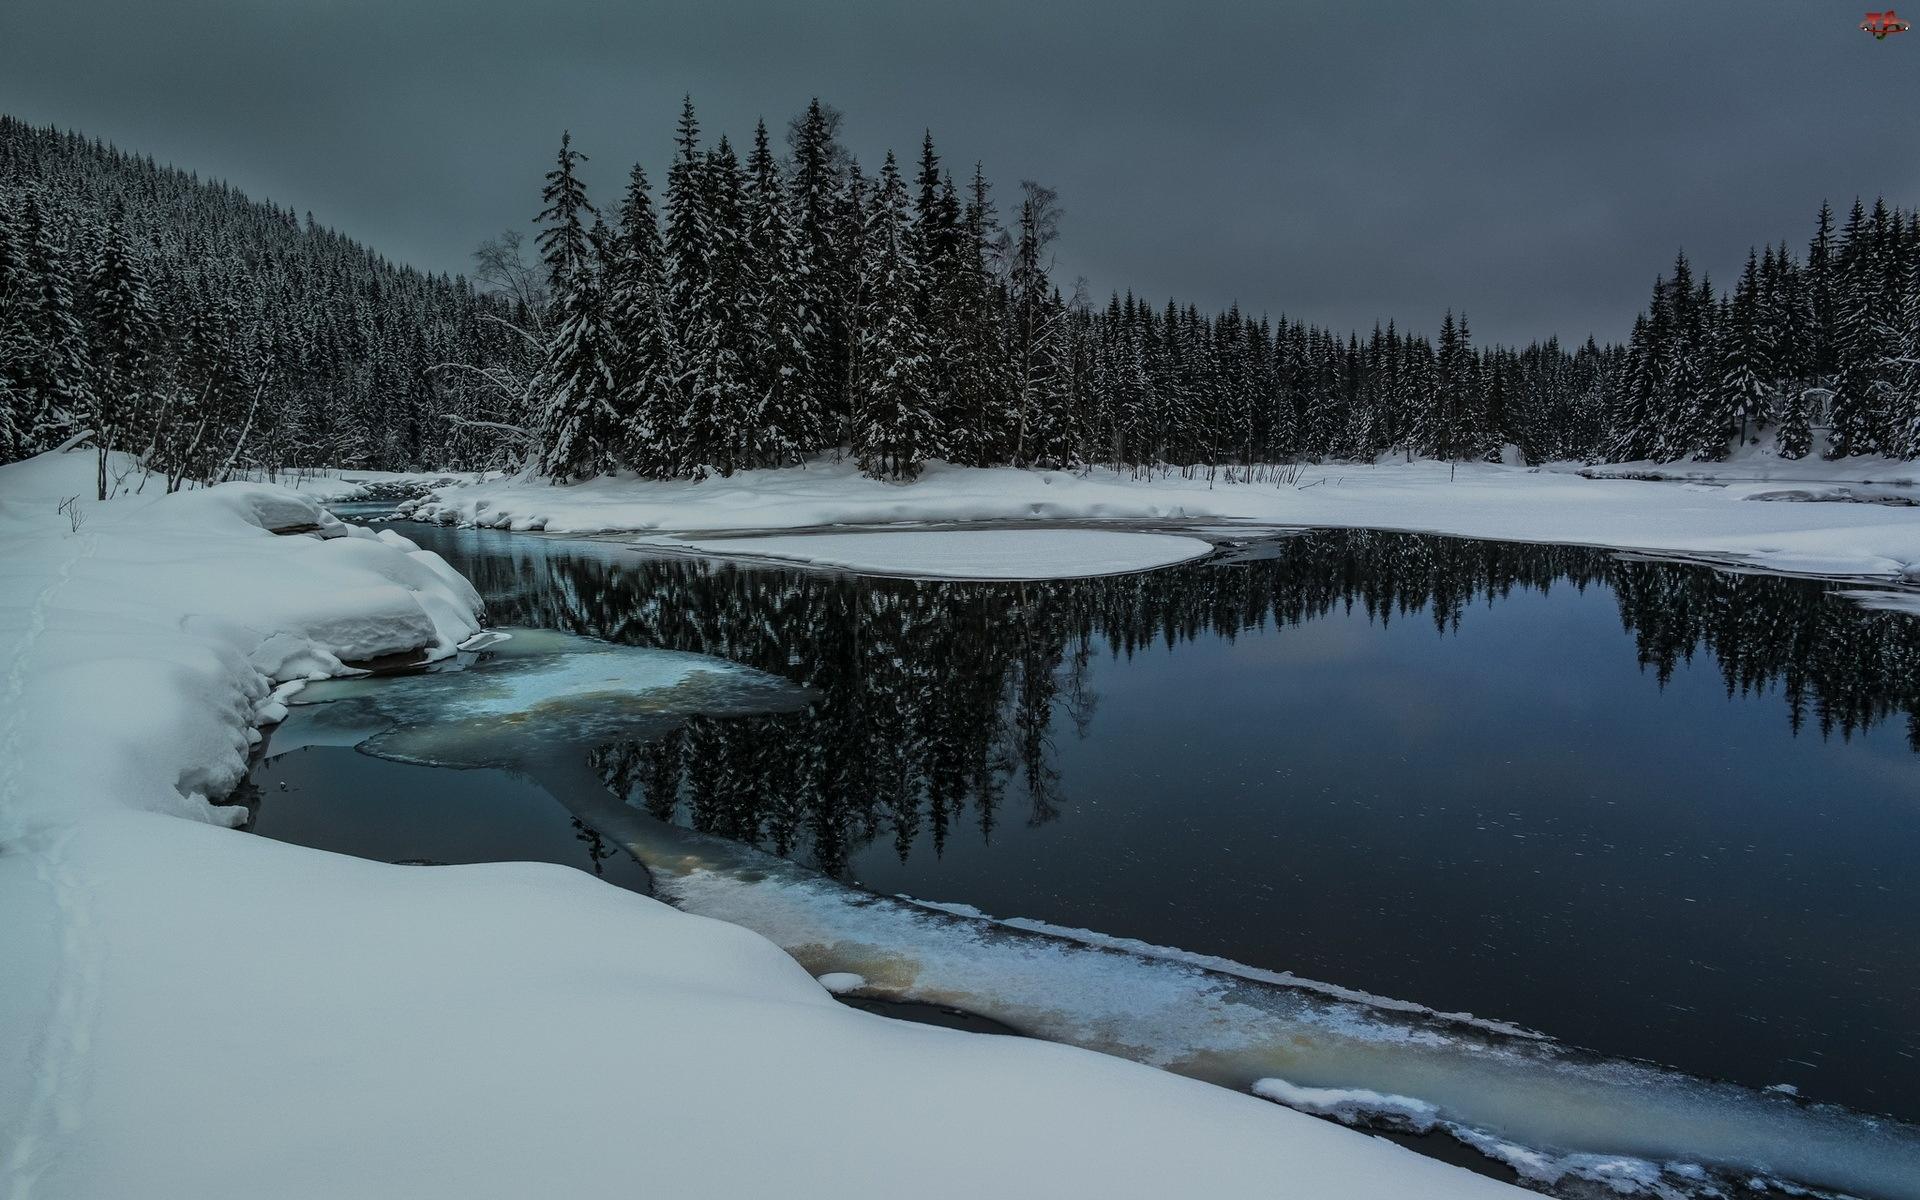 Lasy, Zmierzch, Rzeka, Śnieg